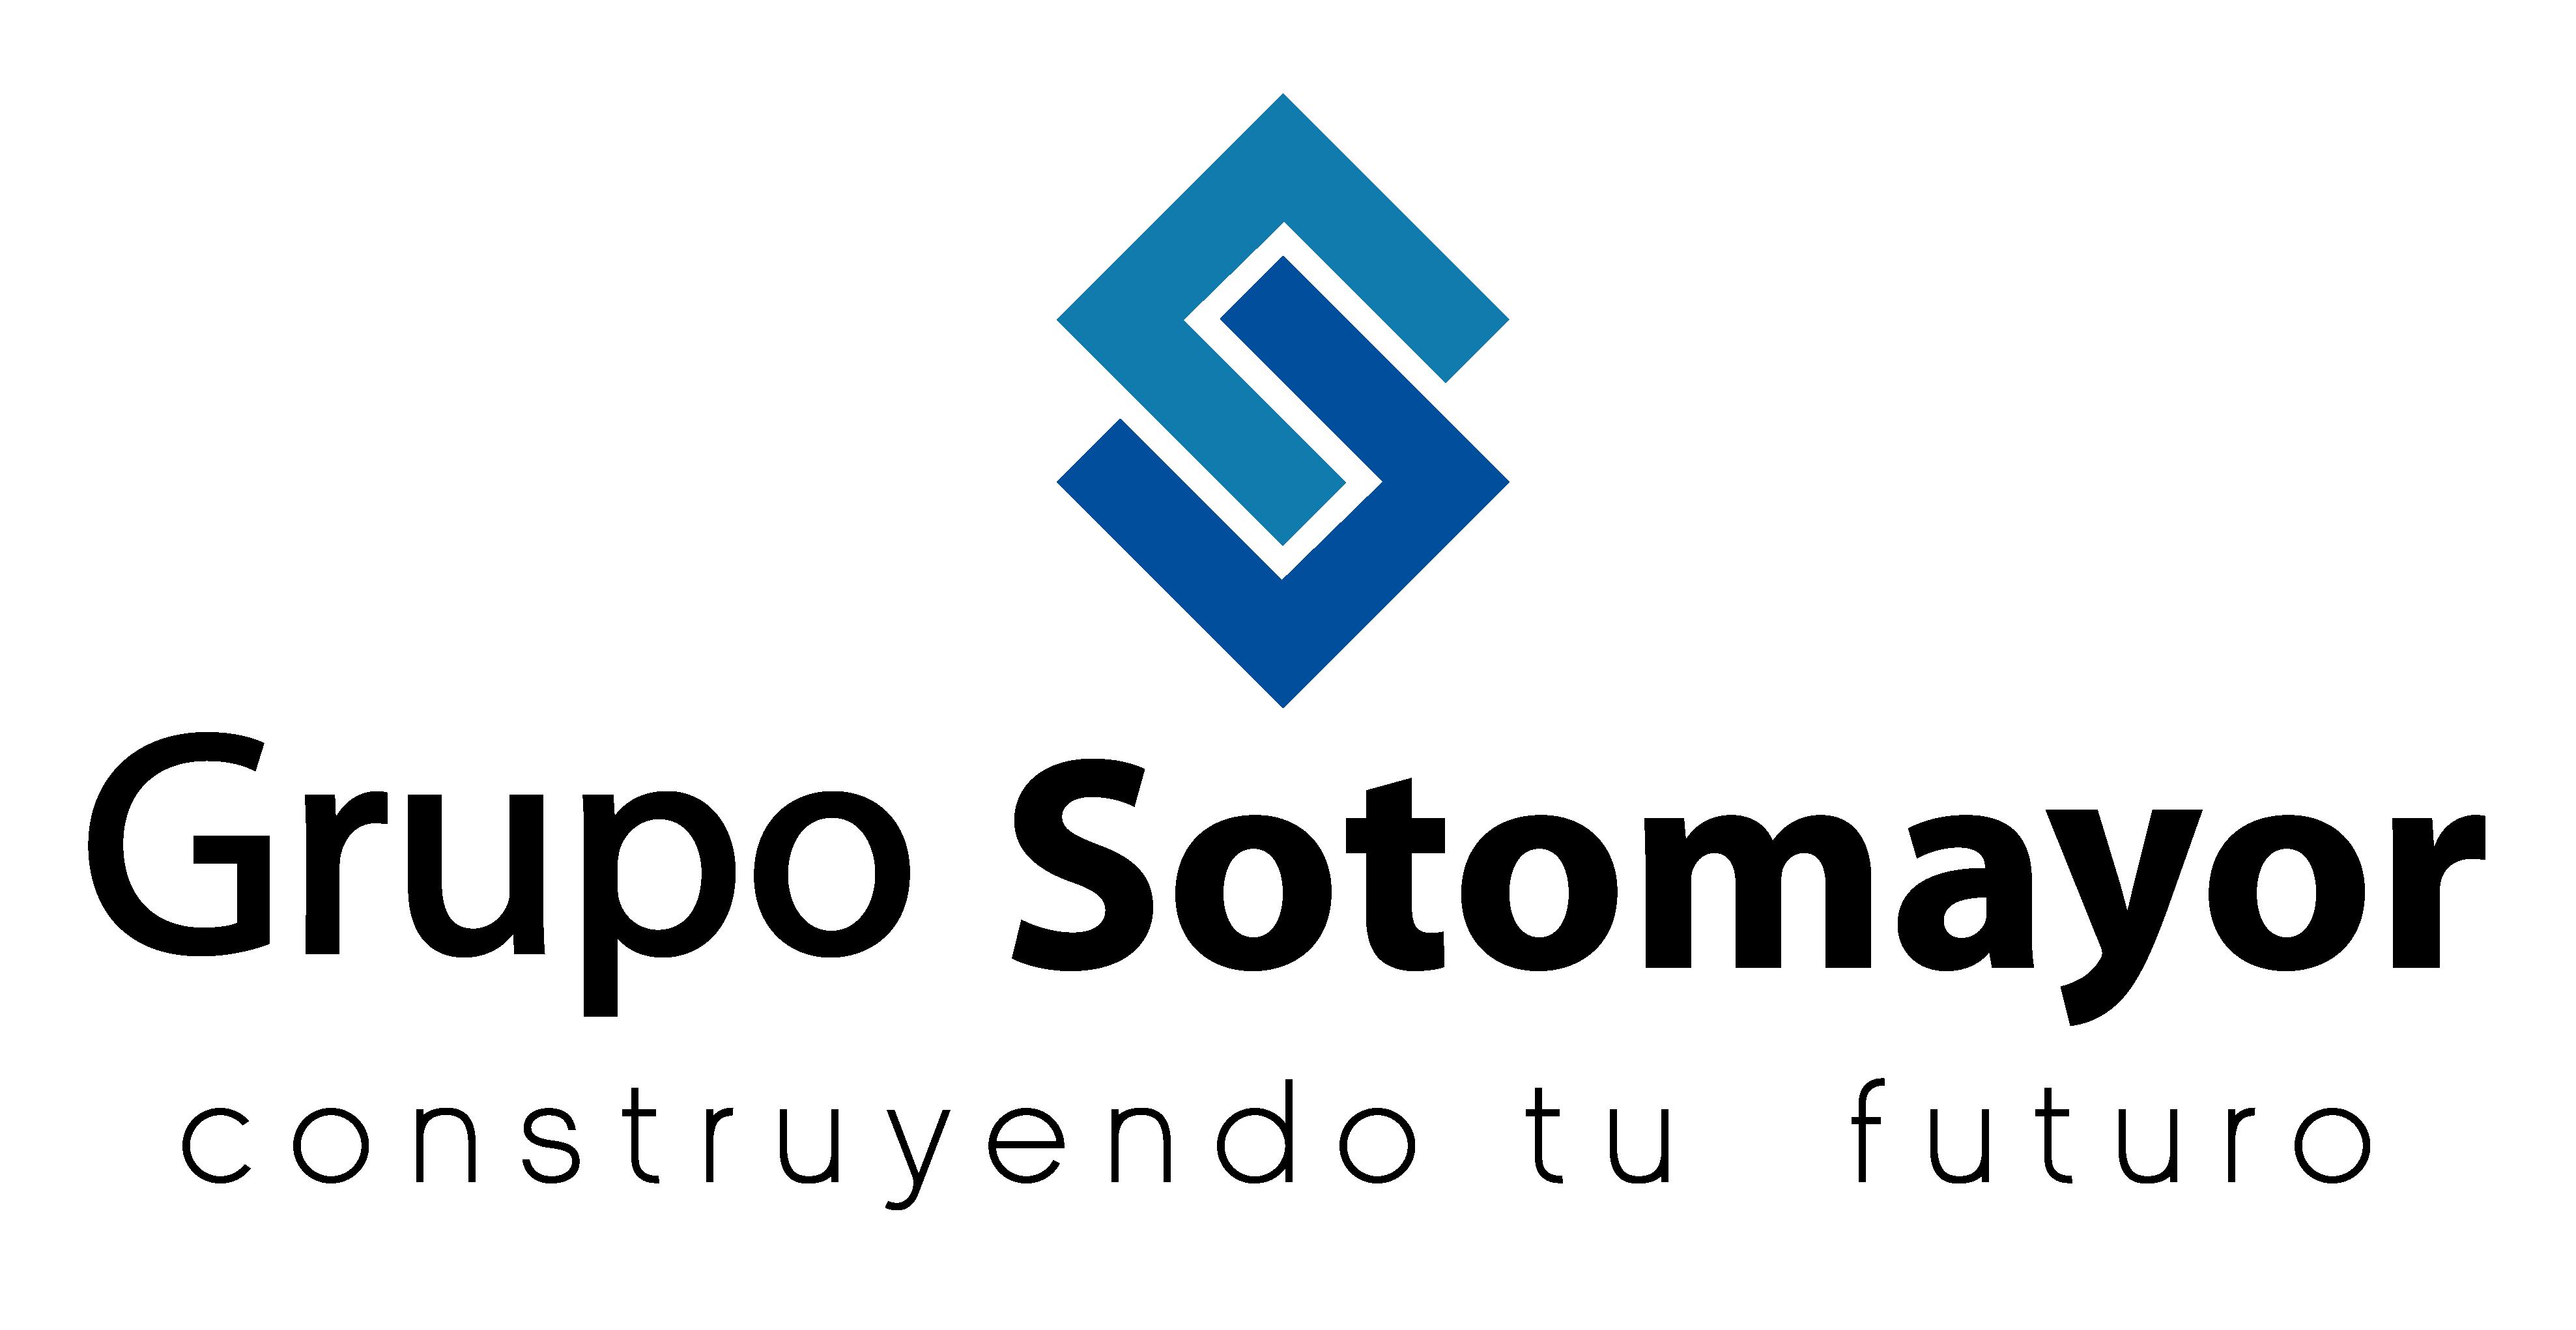 Grupo Sotomayor